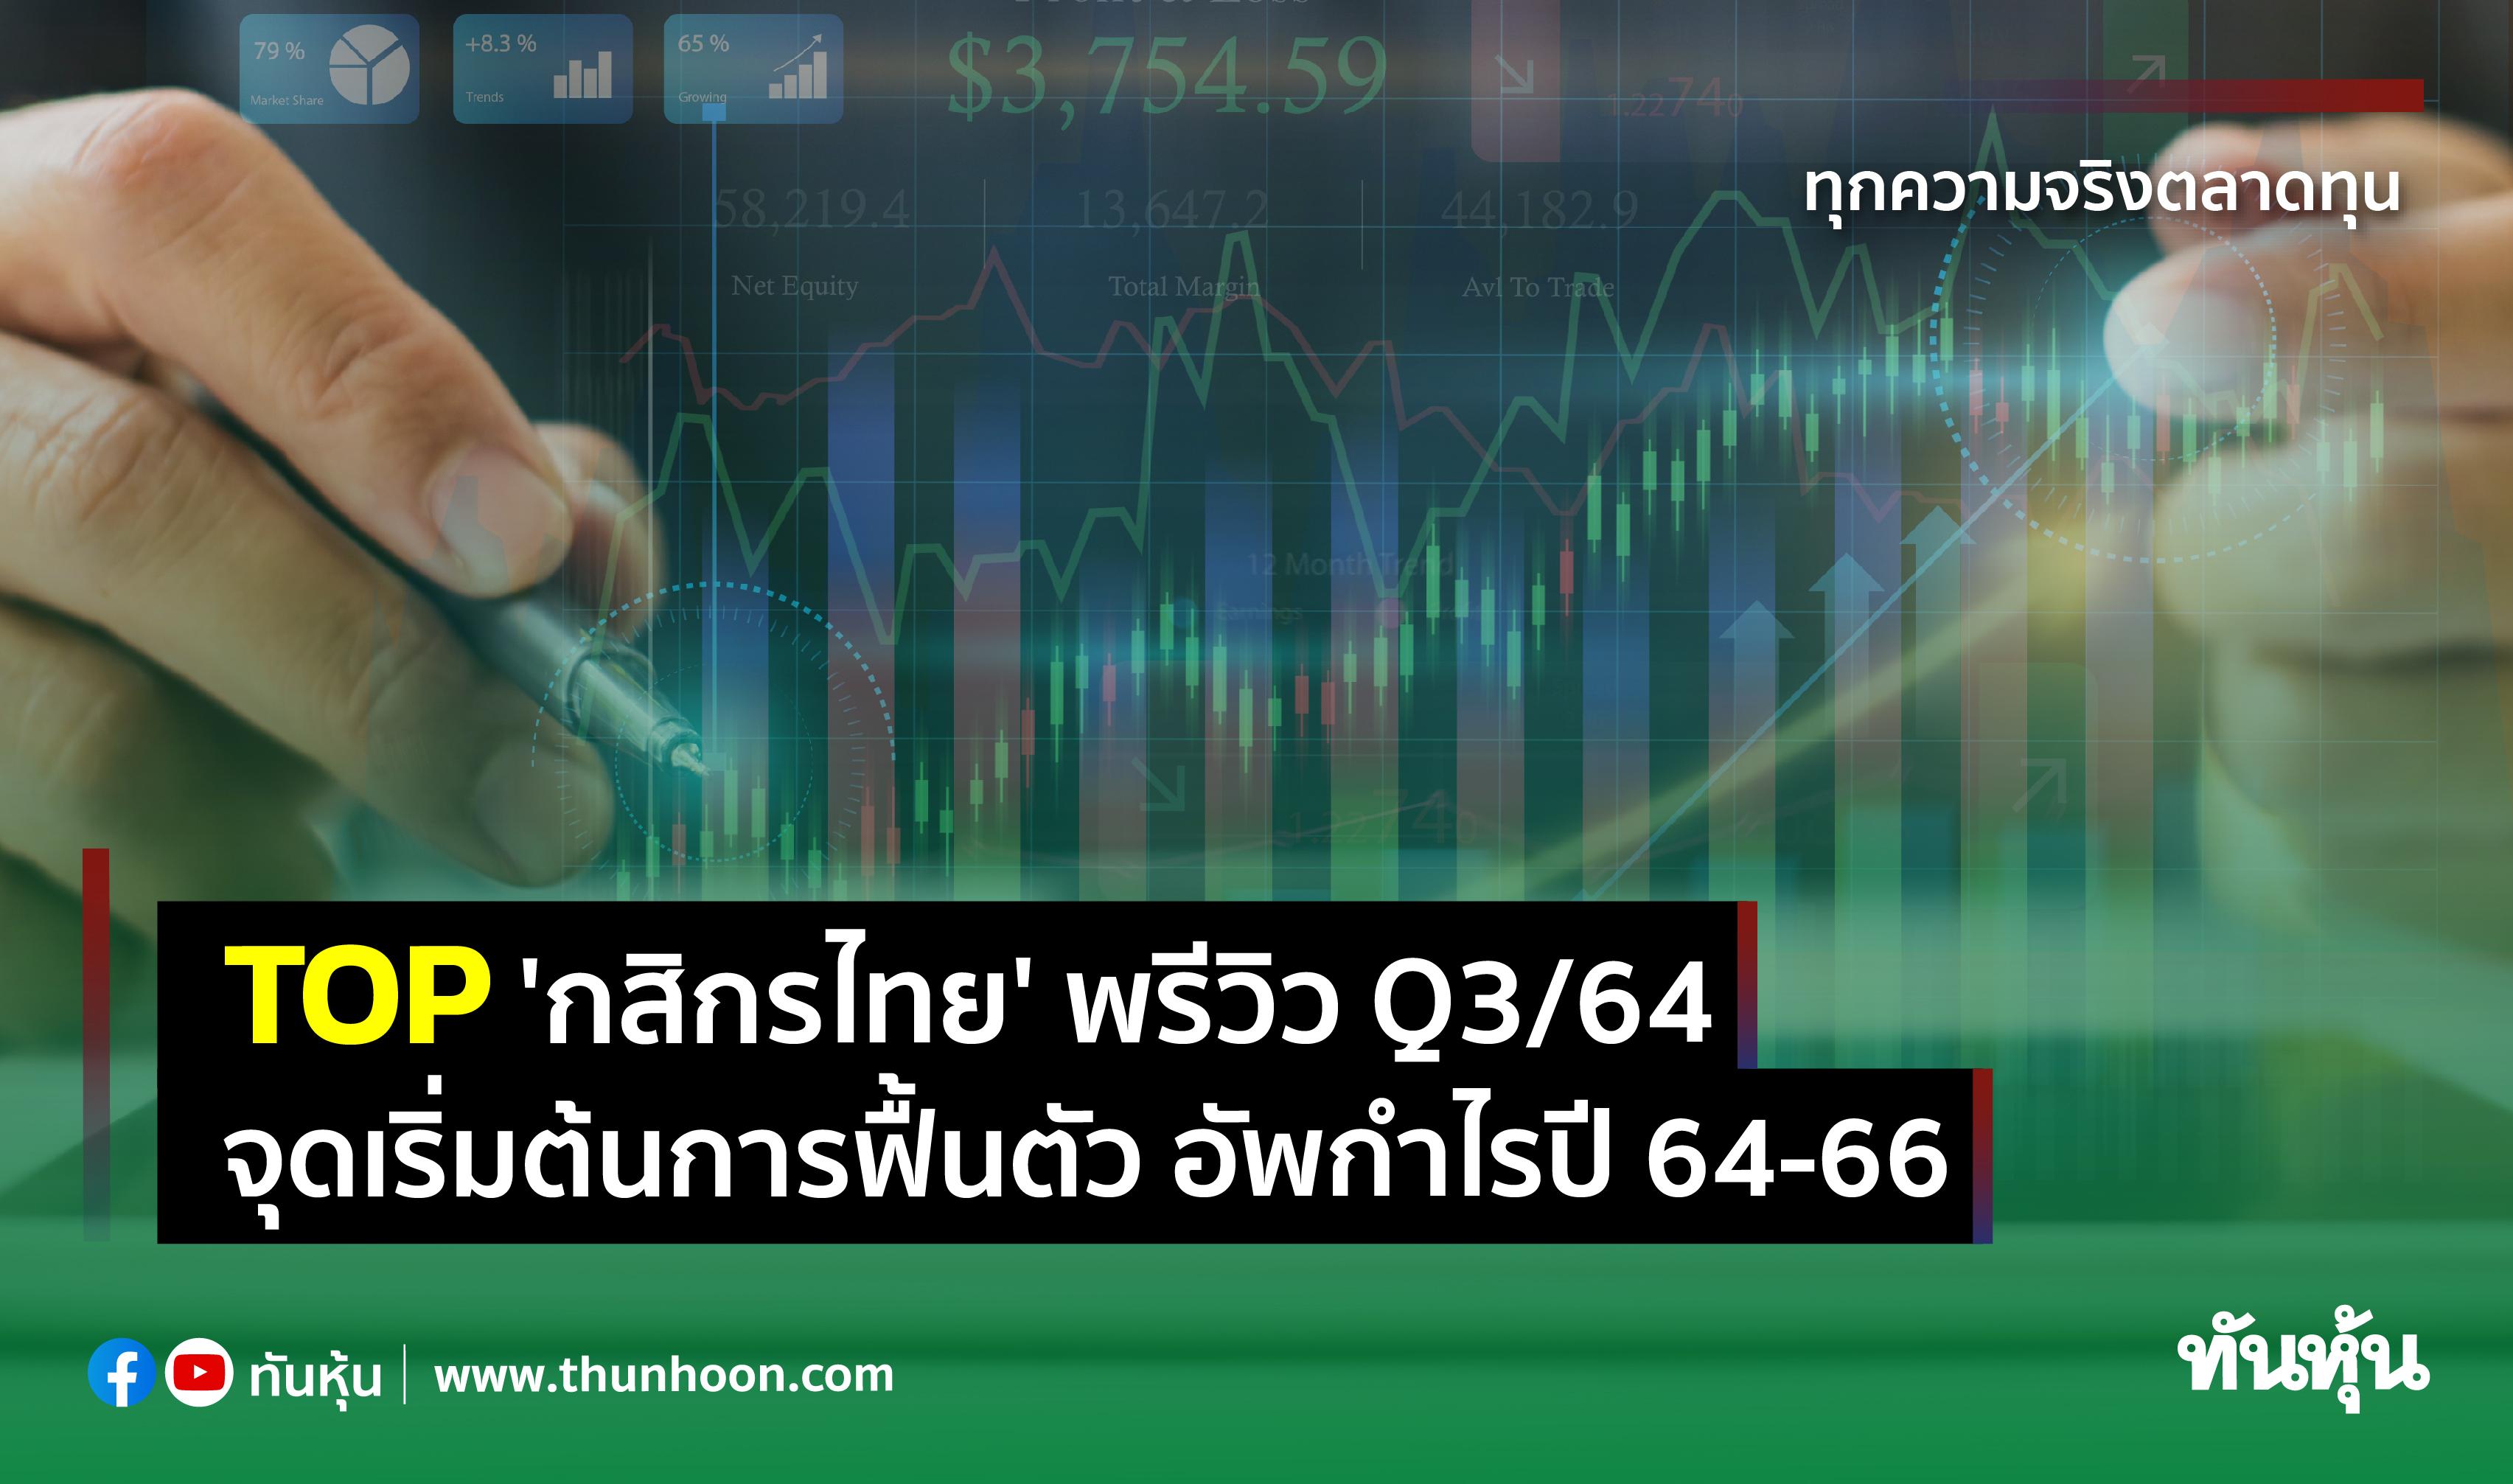 TOP 'กสิกรไทย' พรีวิว Q3/64 จุดเริ่มต้นการฟื้นตัว อัพกำไรปี 64-66